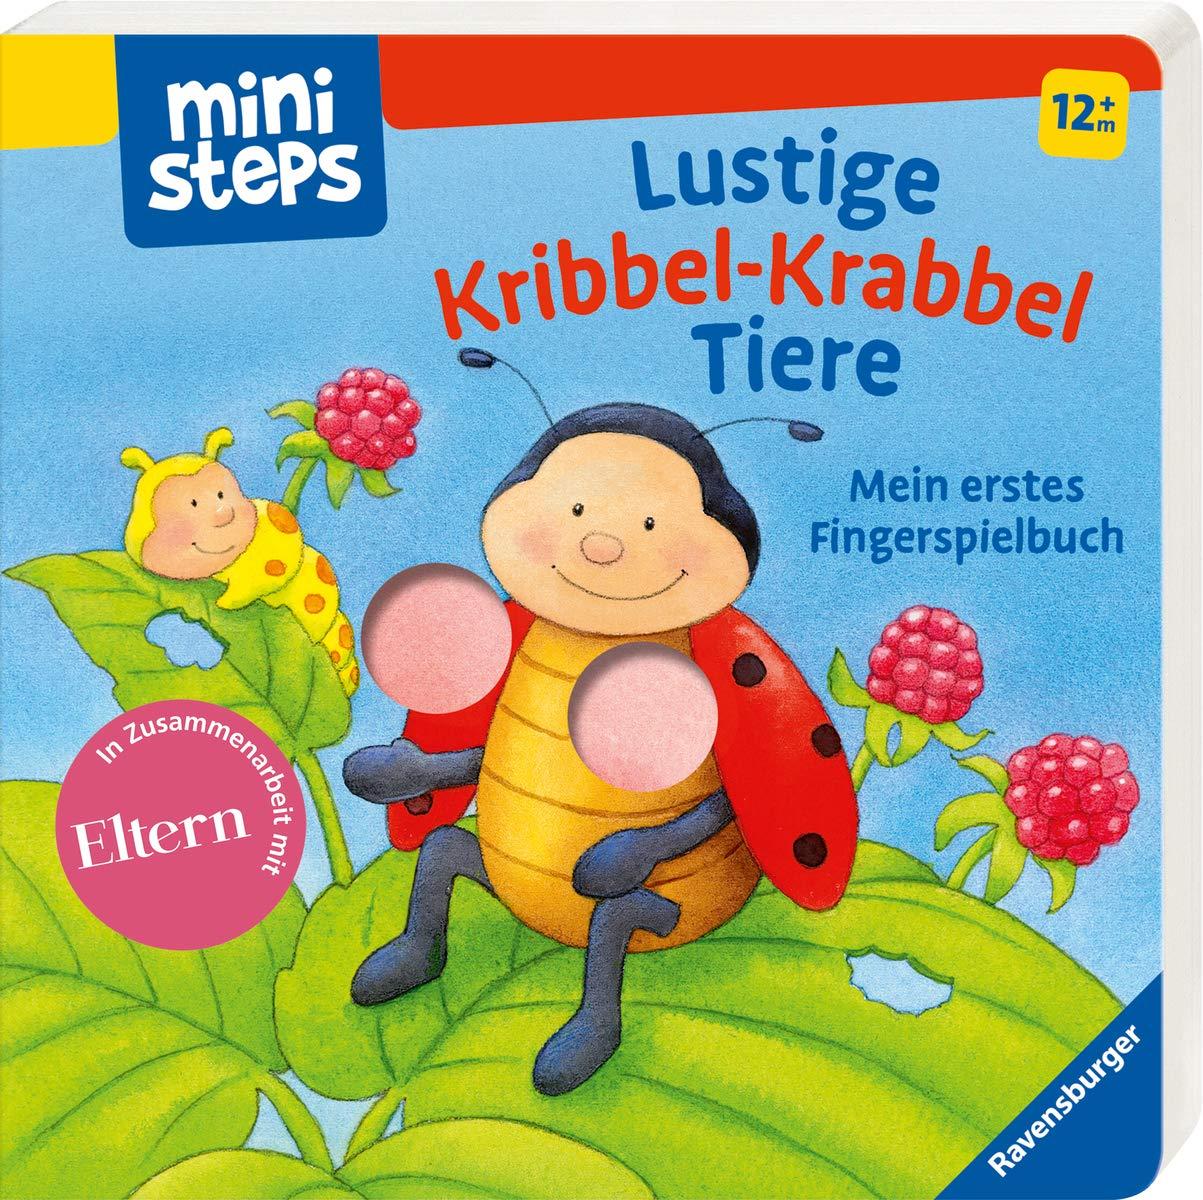 Lustiges Fingerspielbuch für Kinder ab 12 Monate